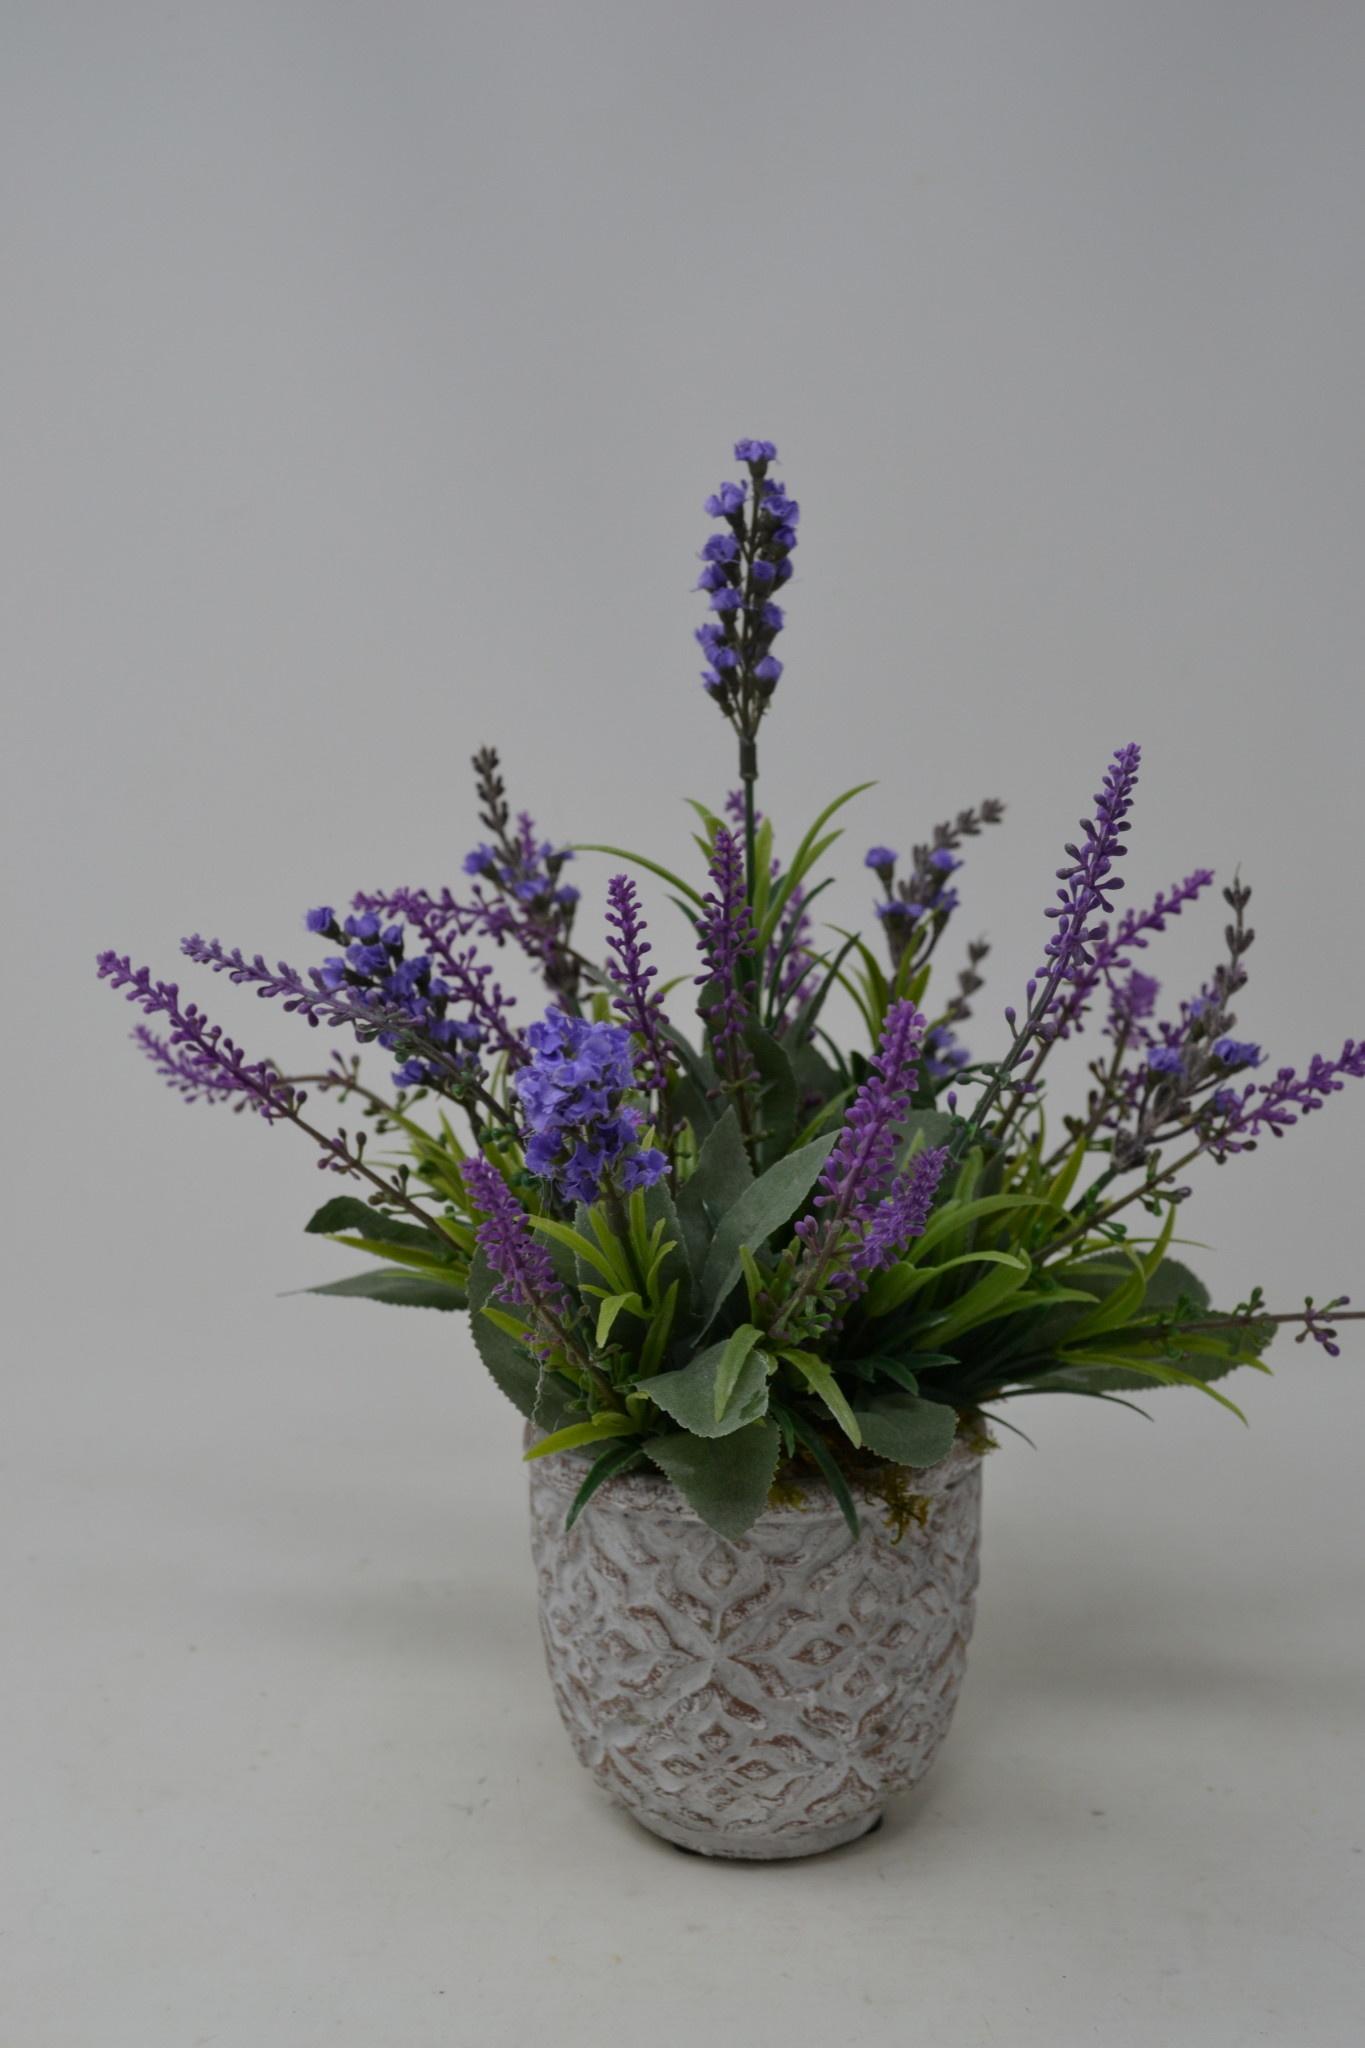 Custom Lavender In Patterned Pot Arrangement